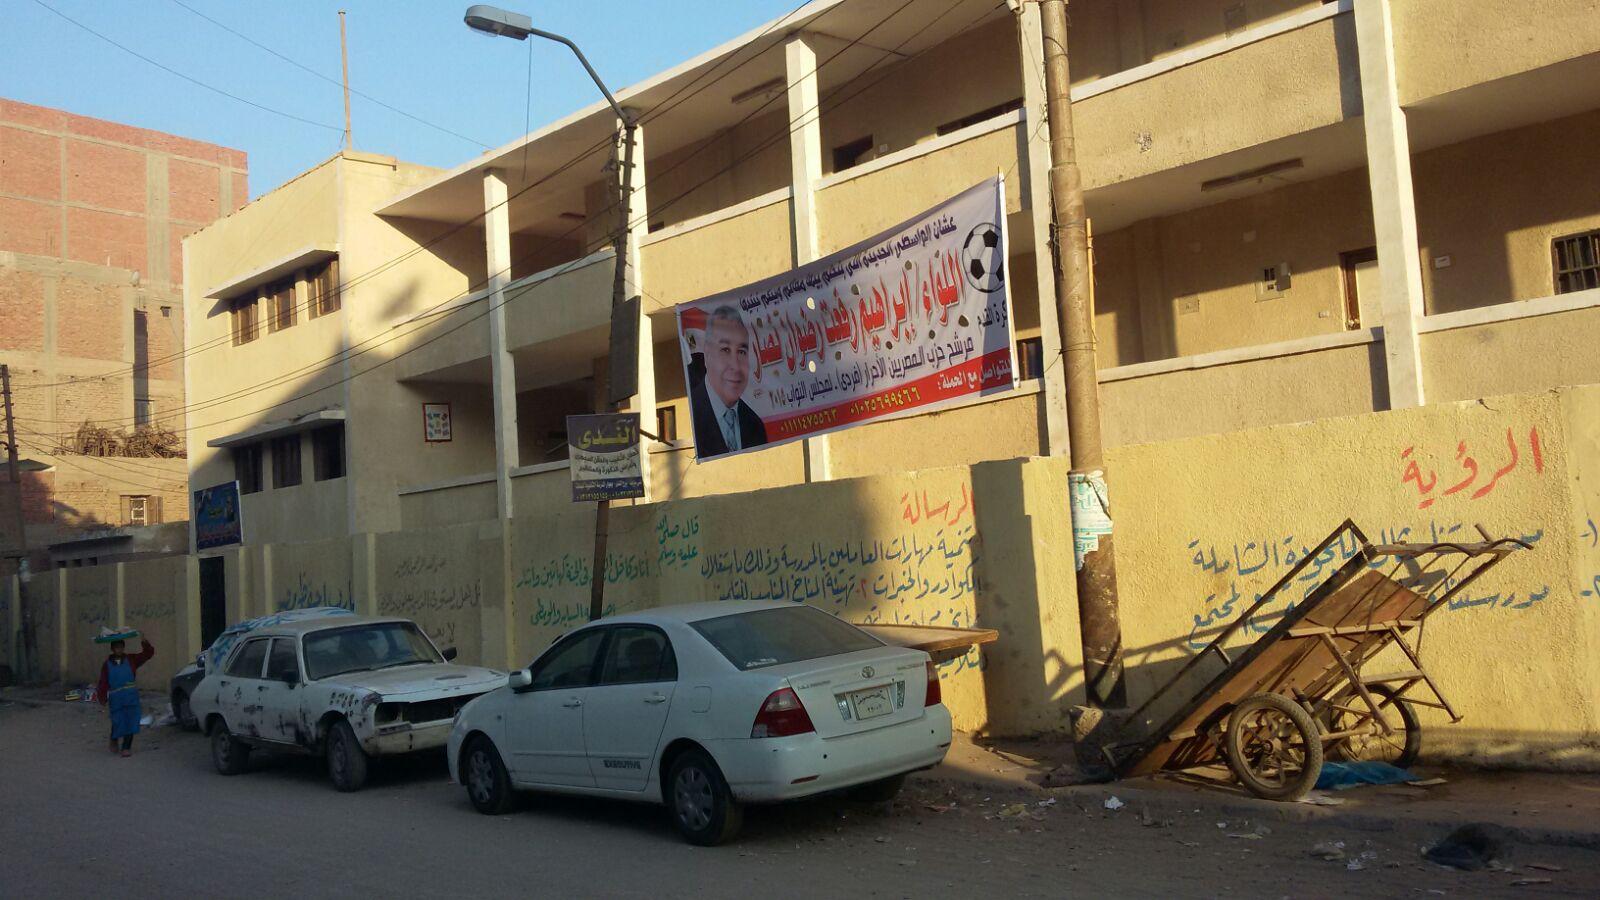 مخالفات انتخابية بدائرة الواسطى في بني سويف قبل ساعات من التصويت